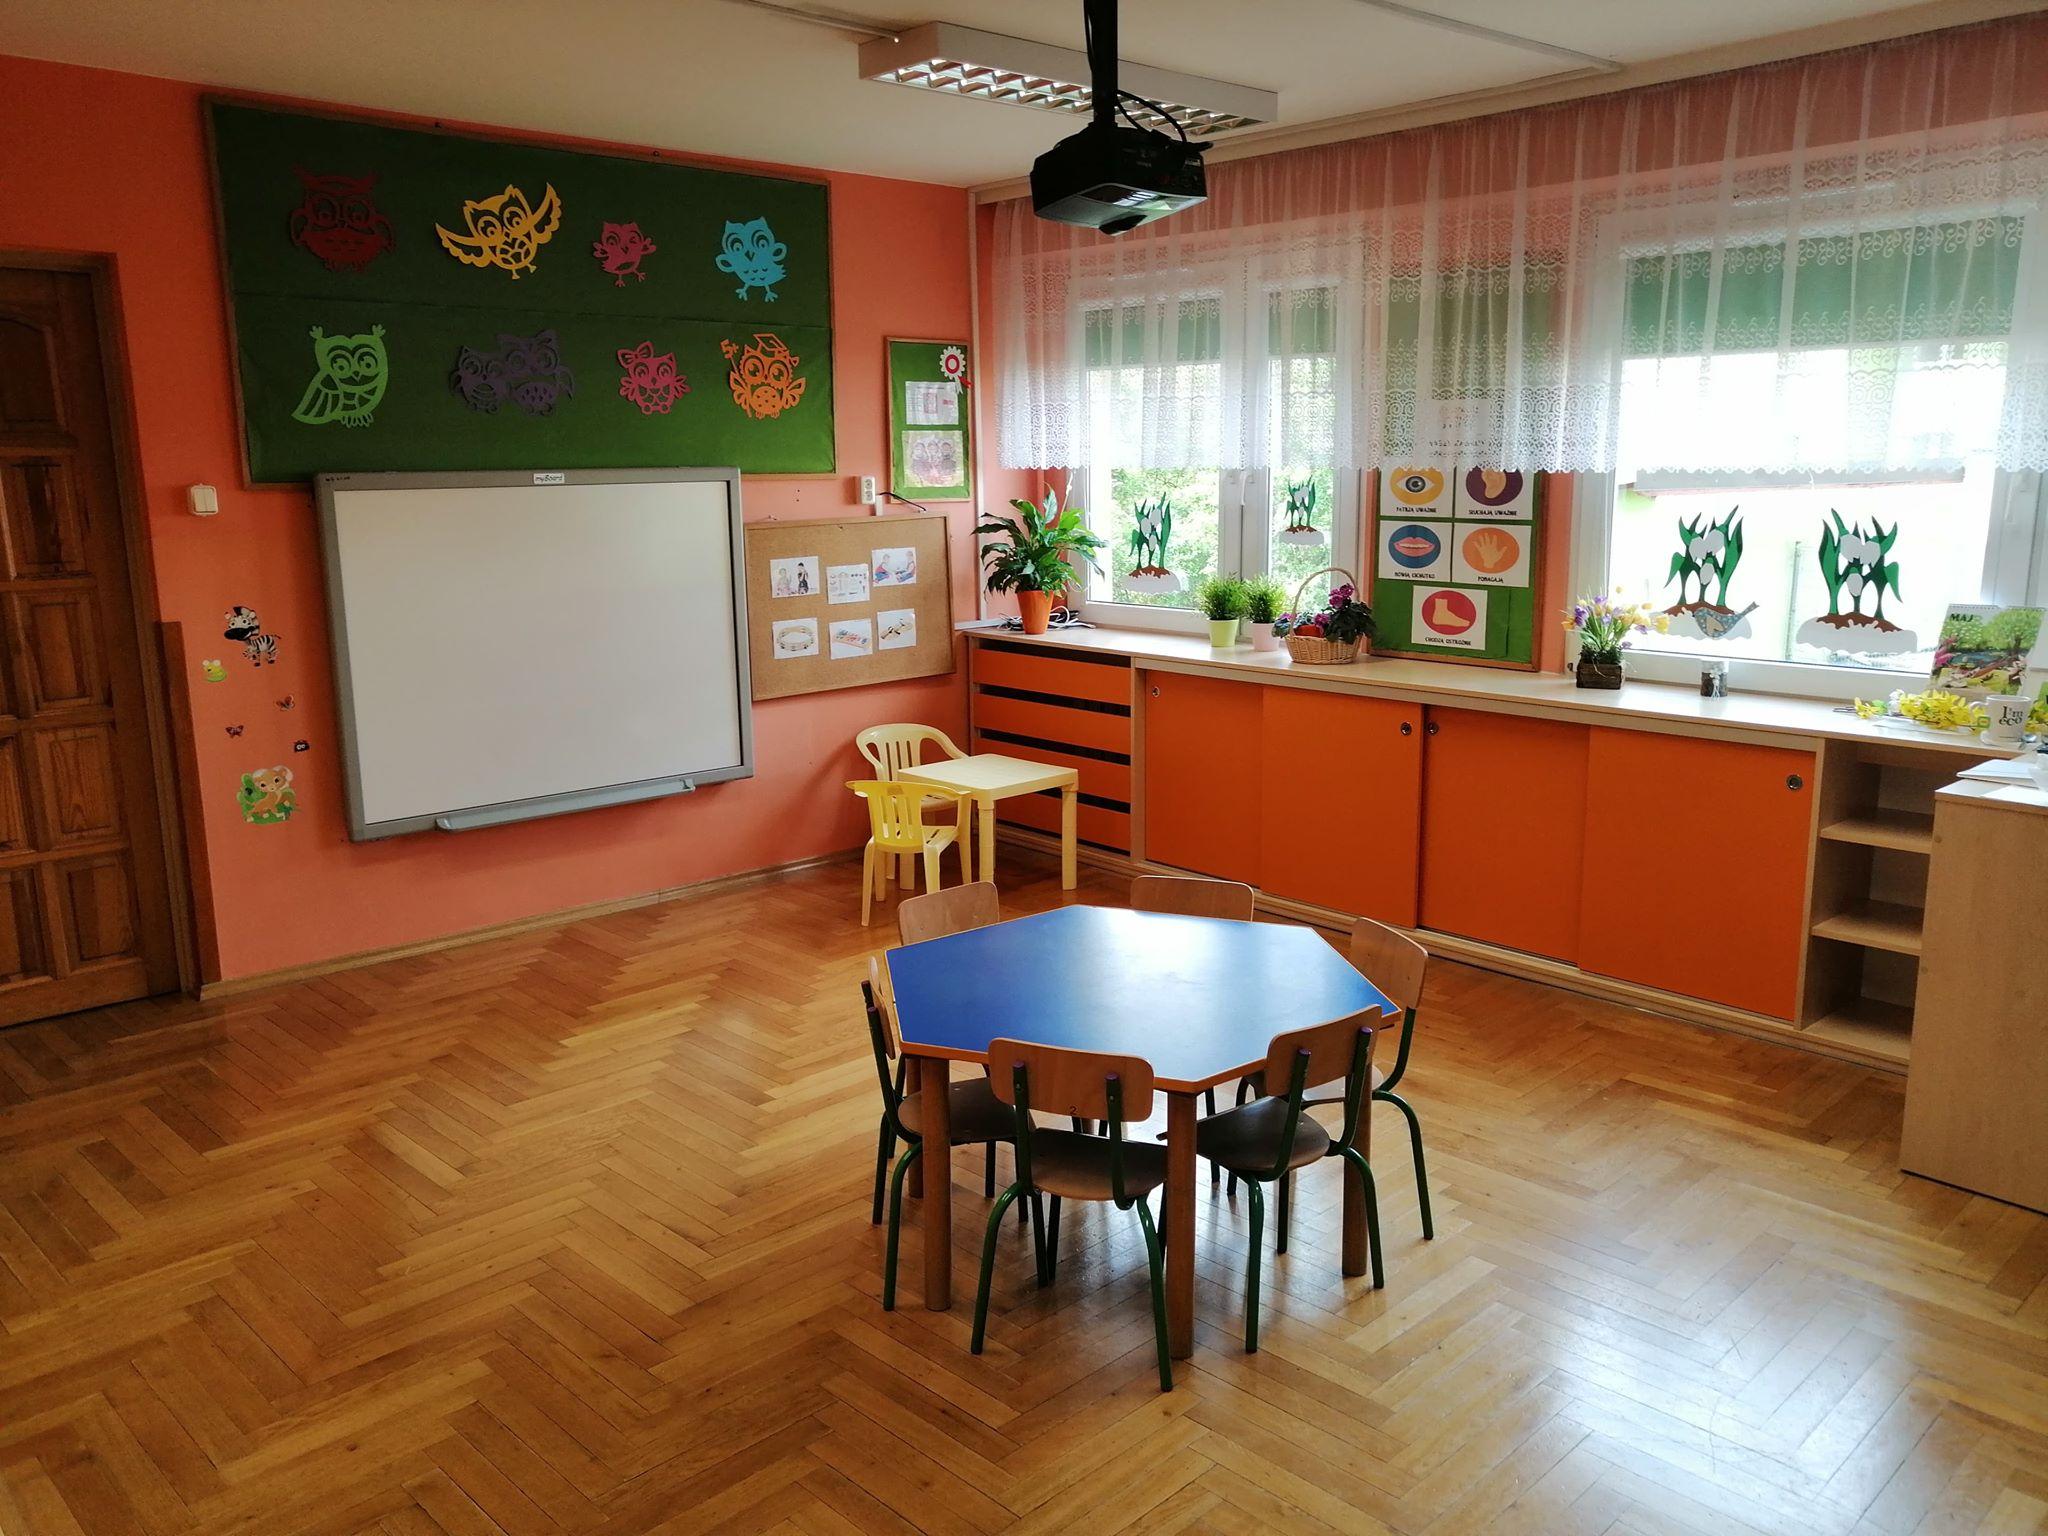 Jedna z sal Miejskiego Przedszkola nr 17 w Oświęcimiu, która została przygotowana do wznowienia funkcjonowania placówki. Fot. red